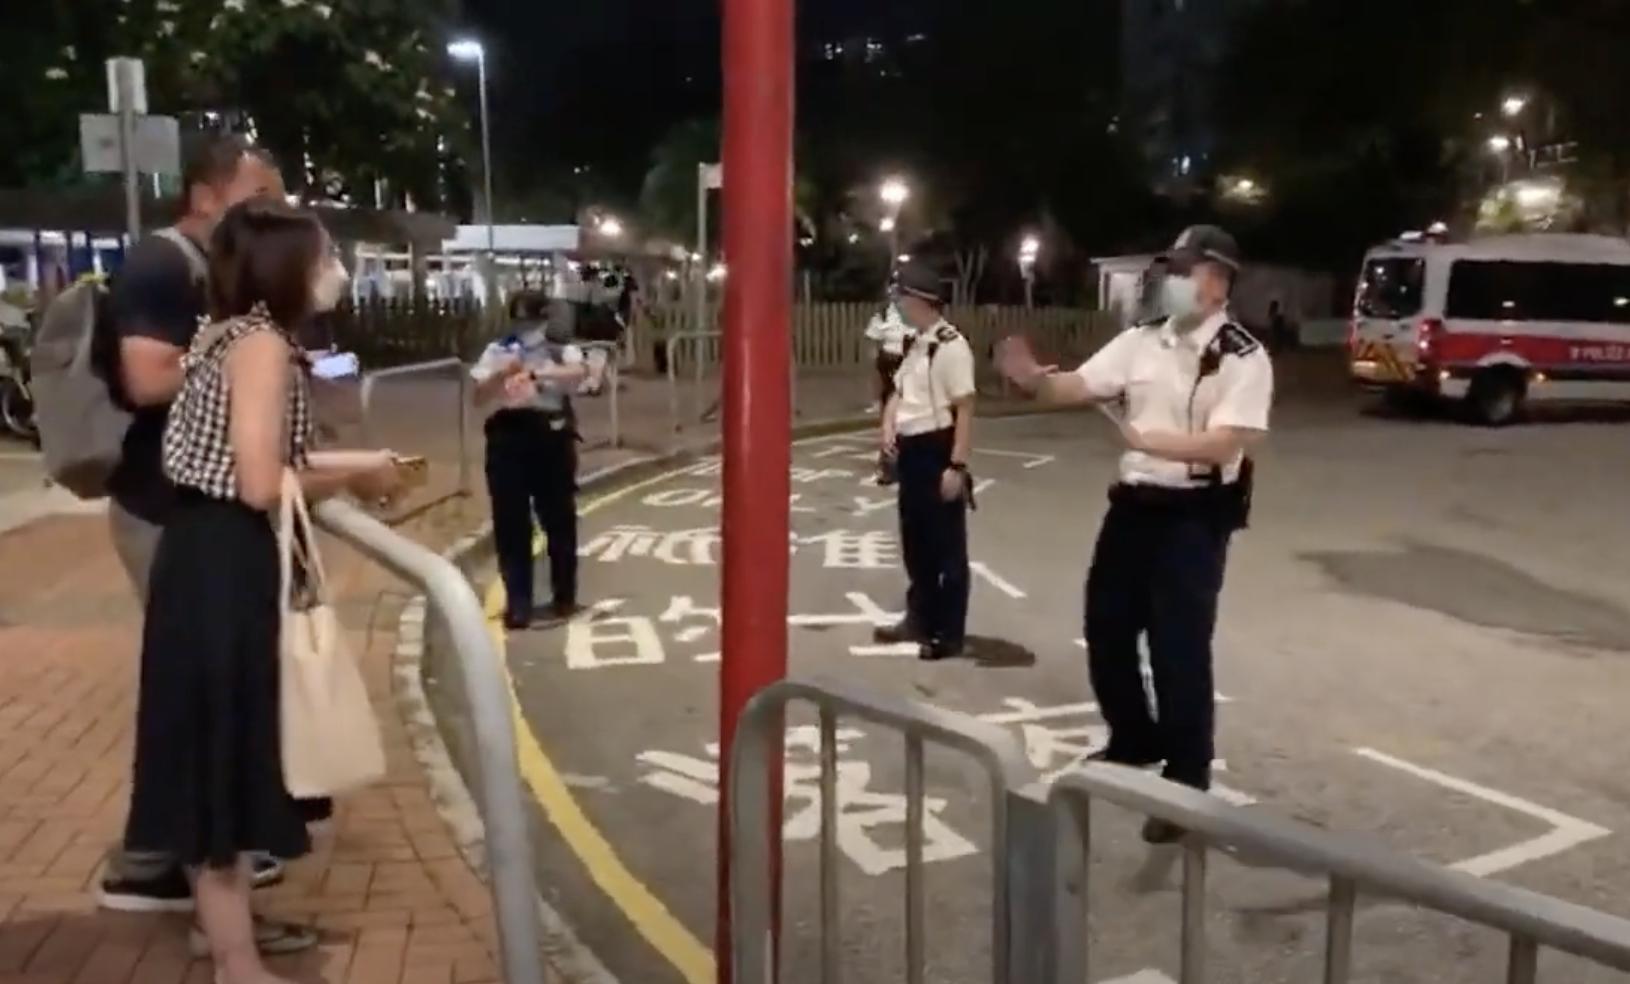 6月4日晚間,有兩位市民站在聖安德肋堂門外街邊等候,幾位白衣警員向這兩位市民大聲勸籲不要違反限聚令。(視頻截圖)